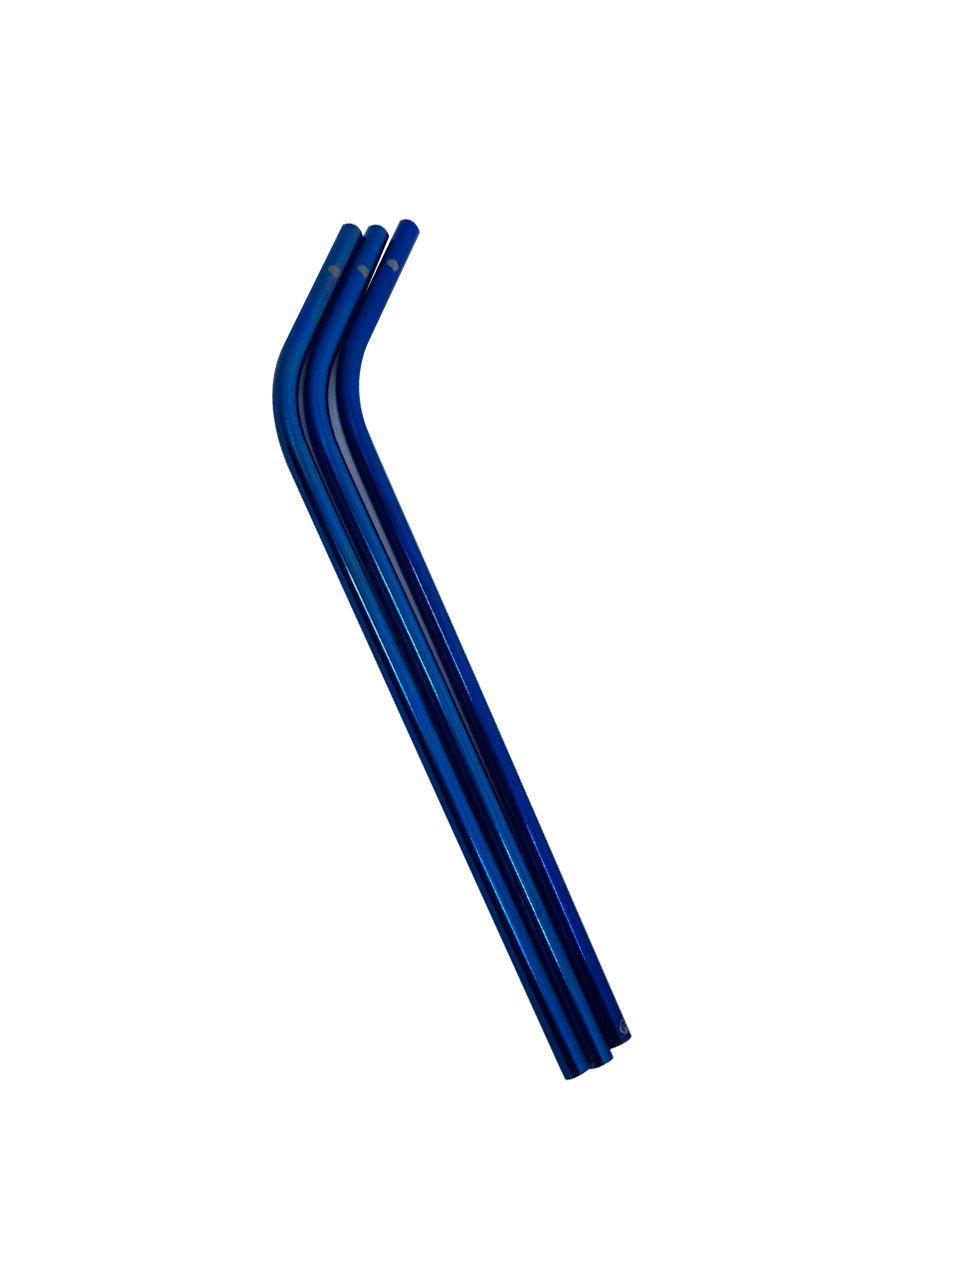 Canudo de Inox Curvo Azul - OUTLET